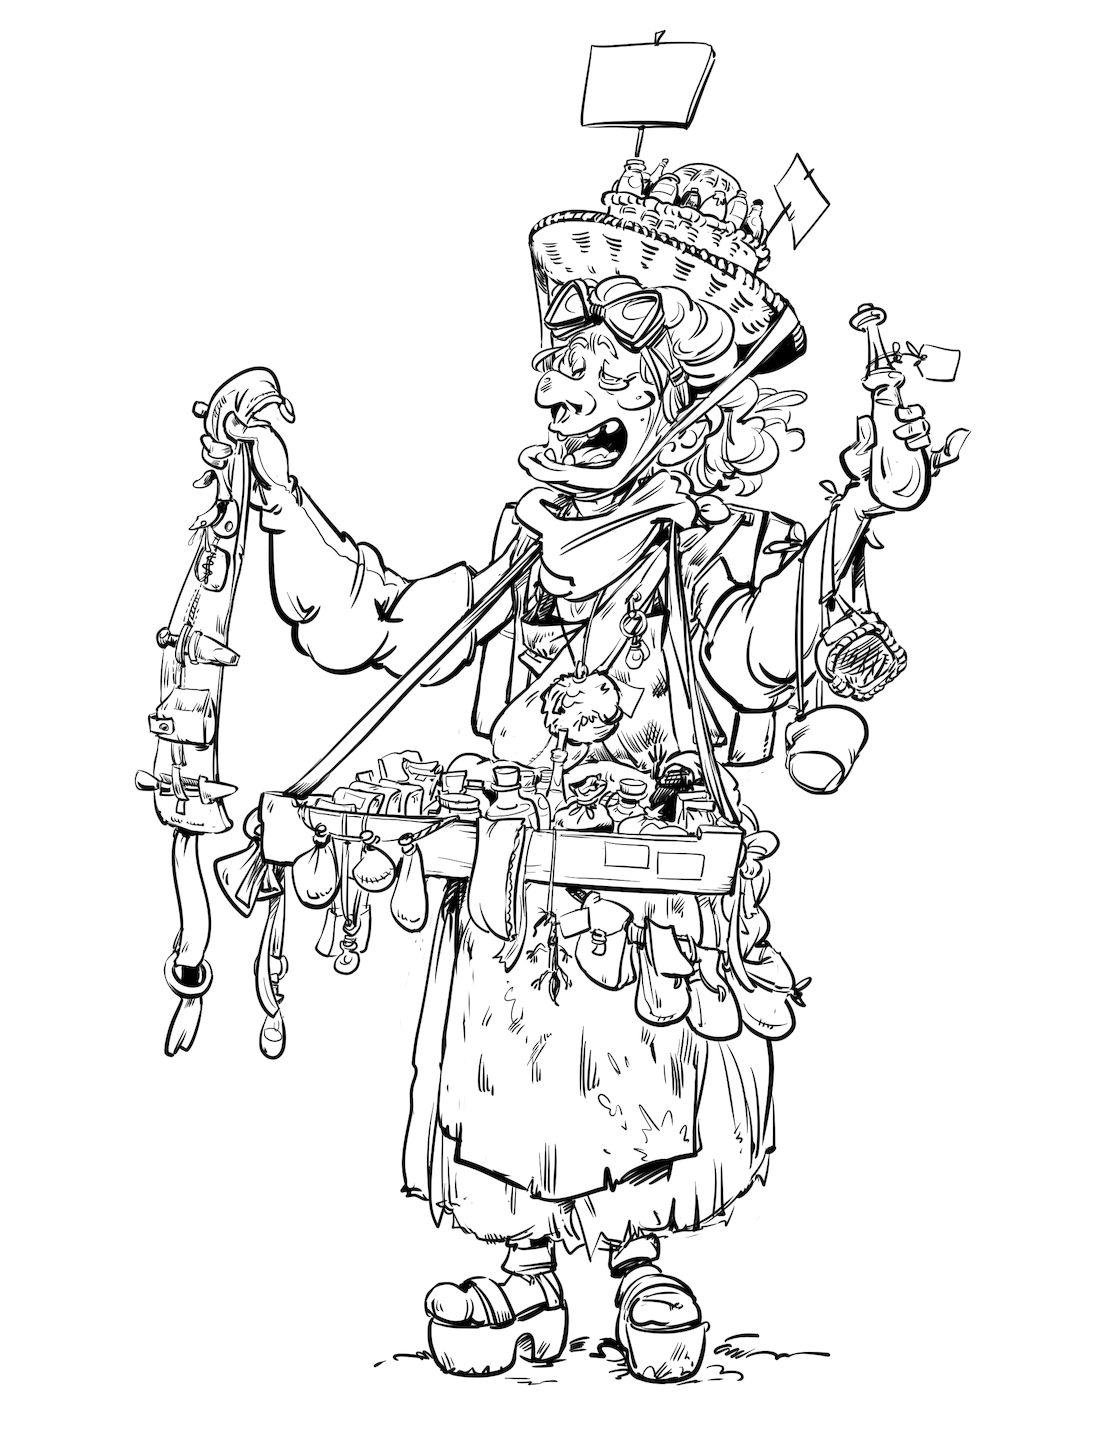 Dragon & Poisons, recherche de personnage : la colporteuse © Morse